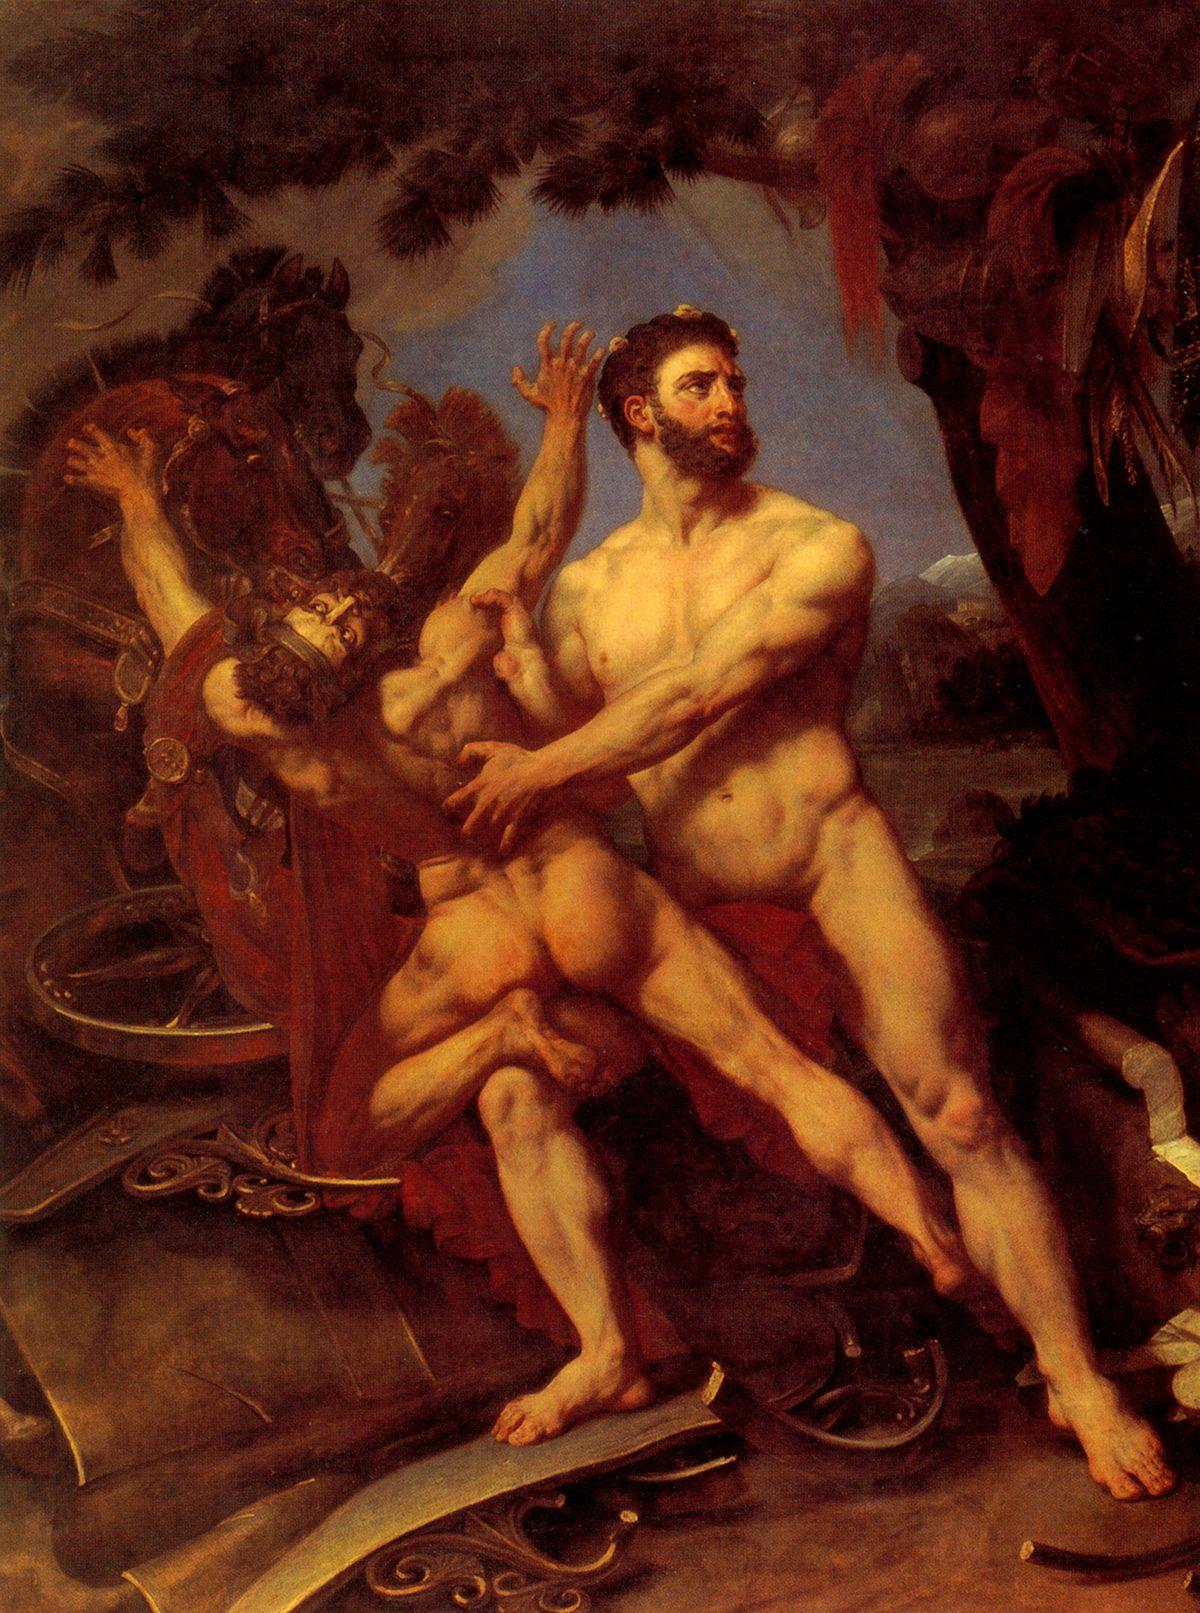 Antoine-Jean-Gros Hercule et Diomède.jpg